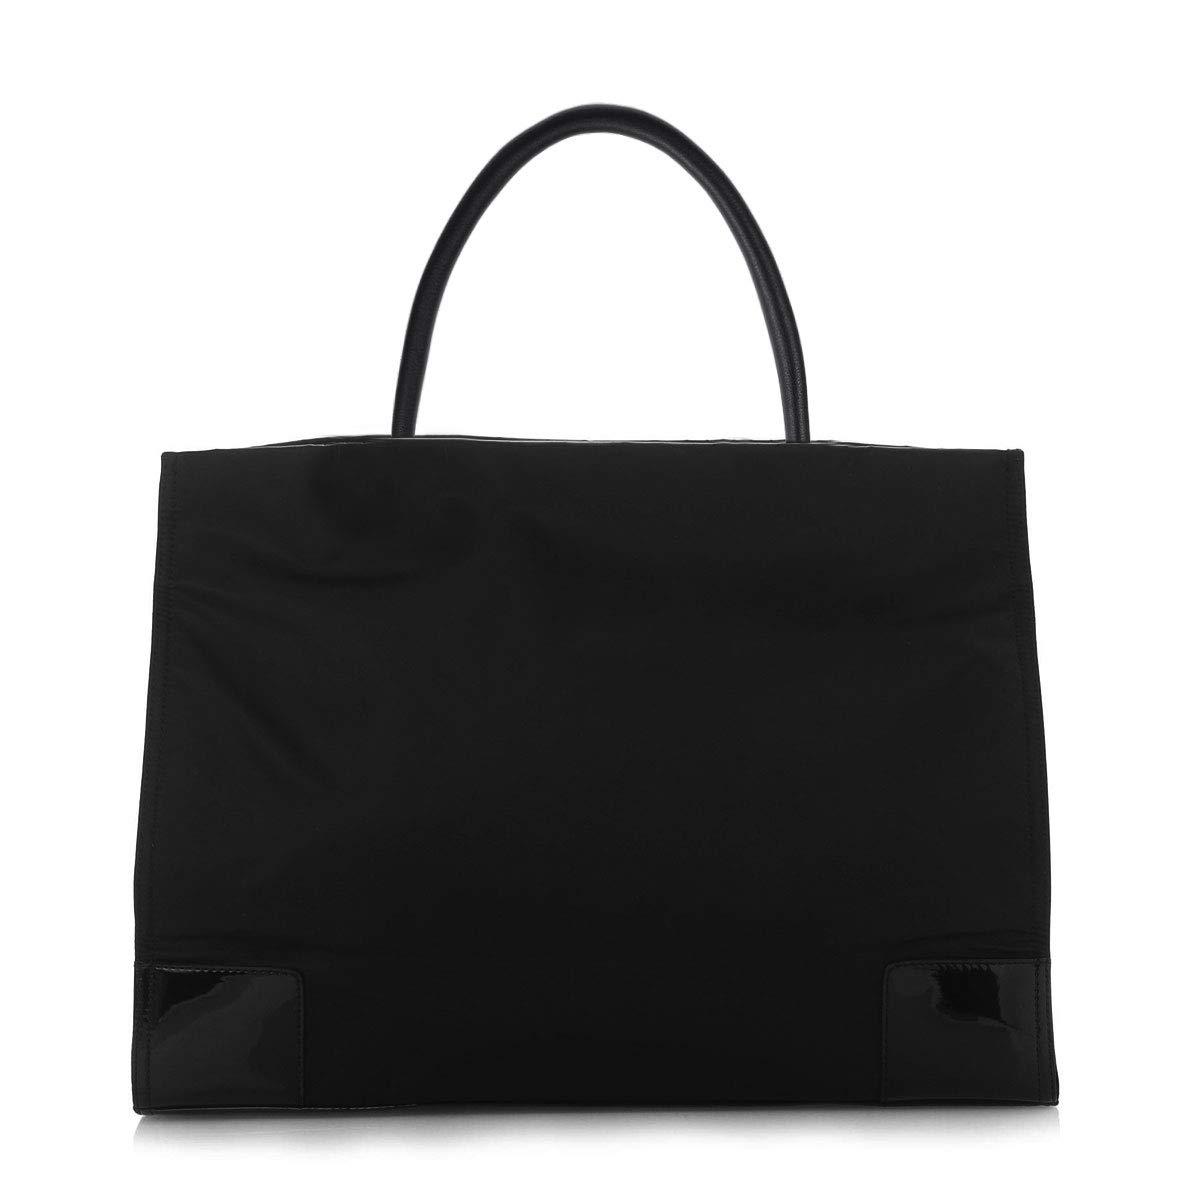 Schwarz LIOOBO Taschengriff PU-Leder DIY Taschenriemen Taschenhenkel Taschenb/ügel Taschenzubeh/ör 1 Paar